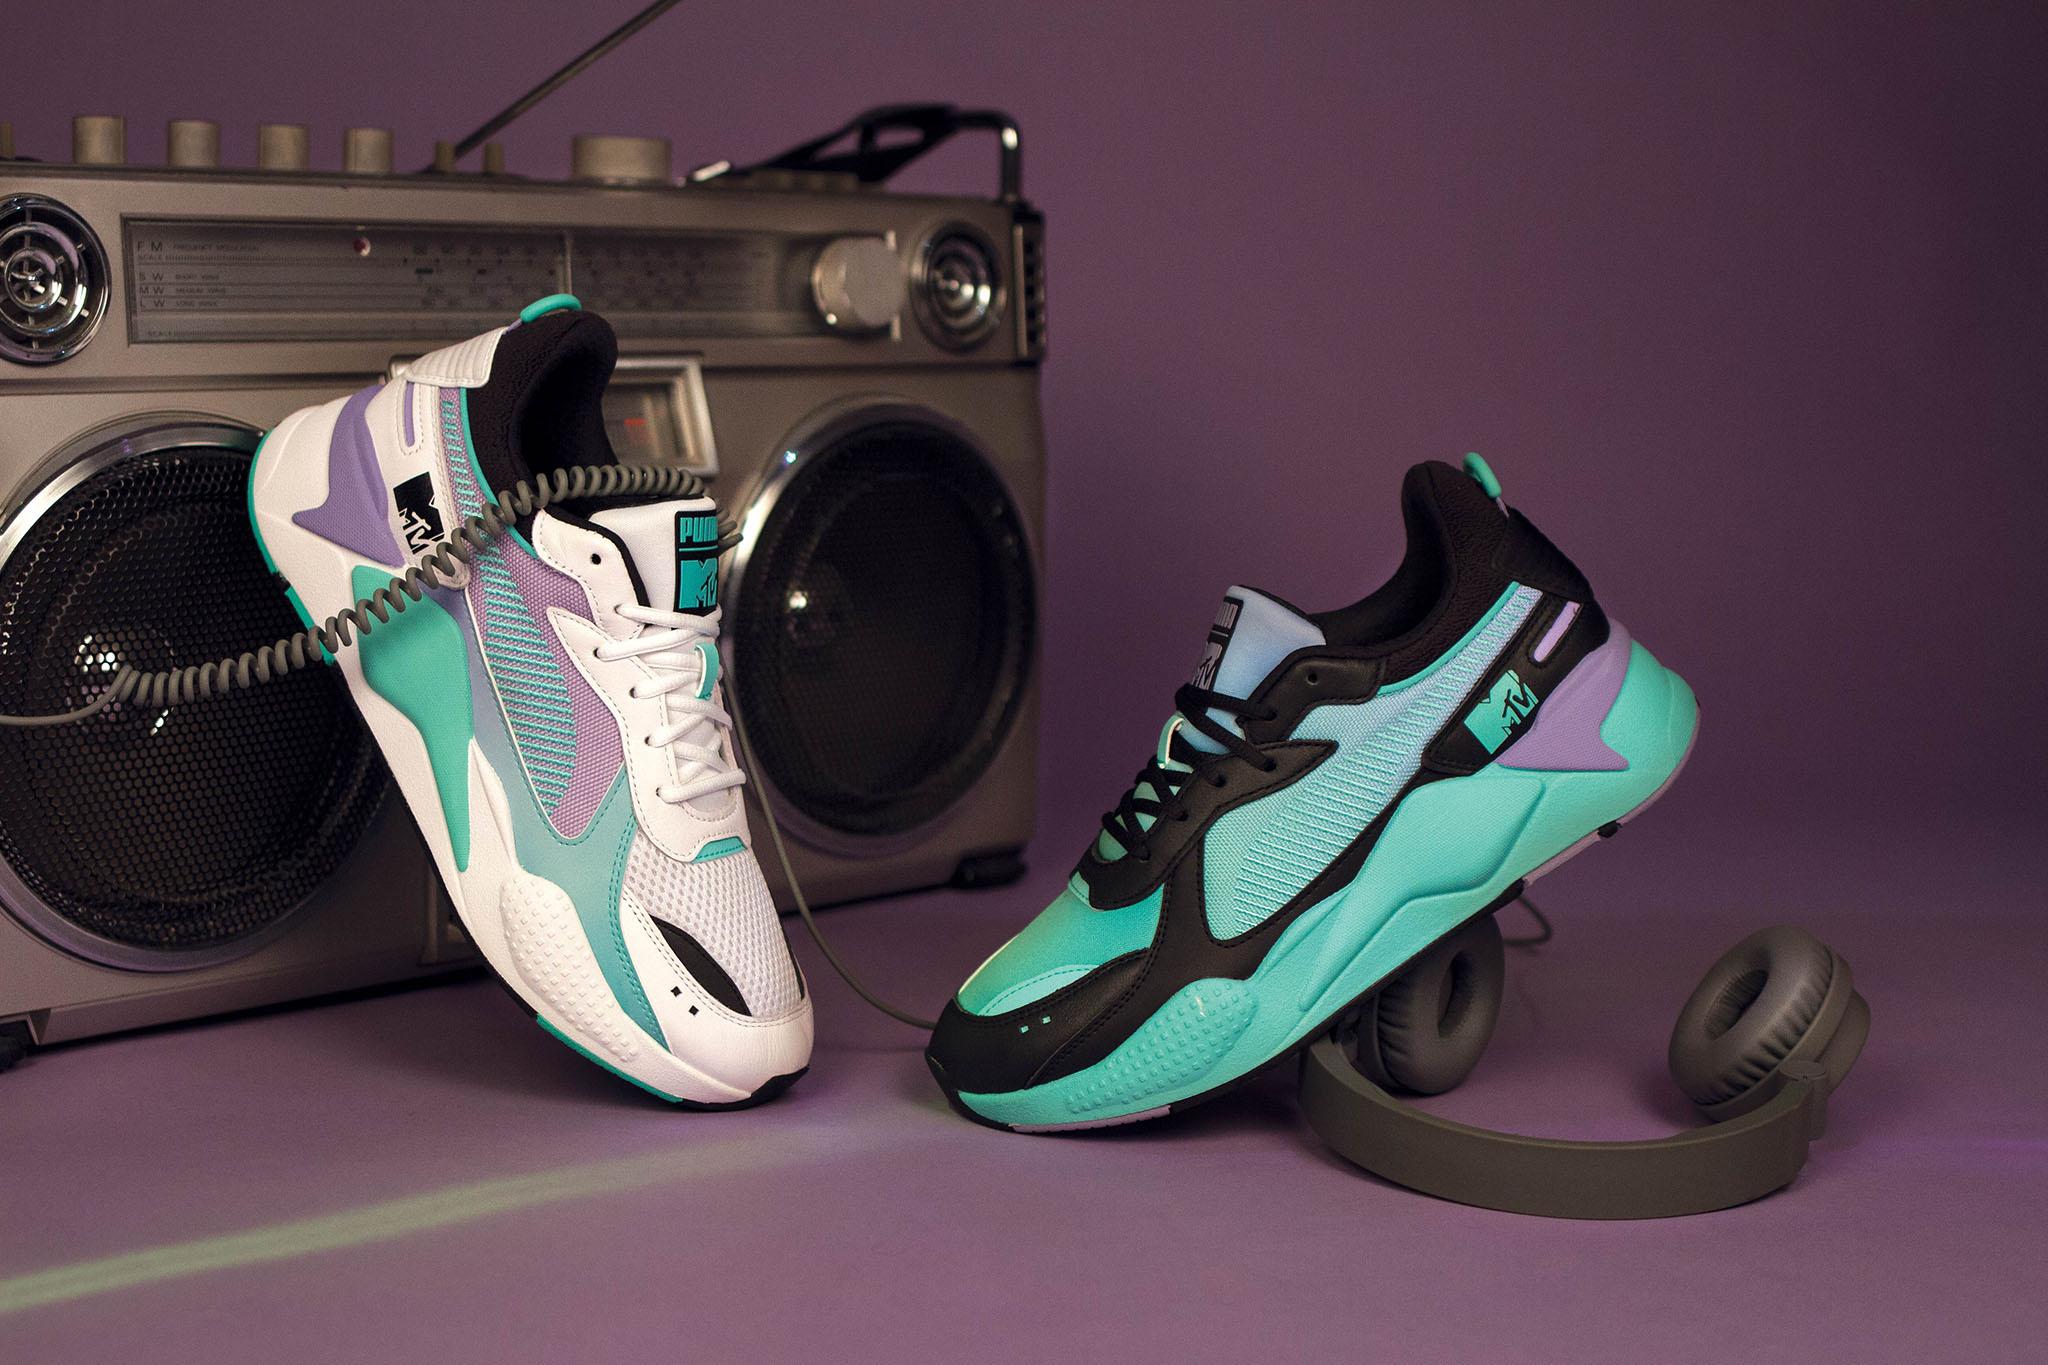 buy popular 3ee05 ebb37 SHELTA - sneakers  street fashion since 2004